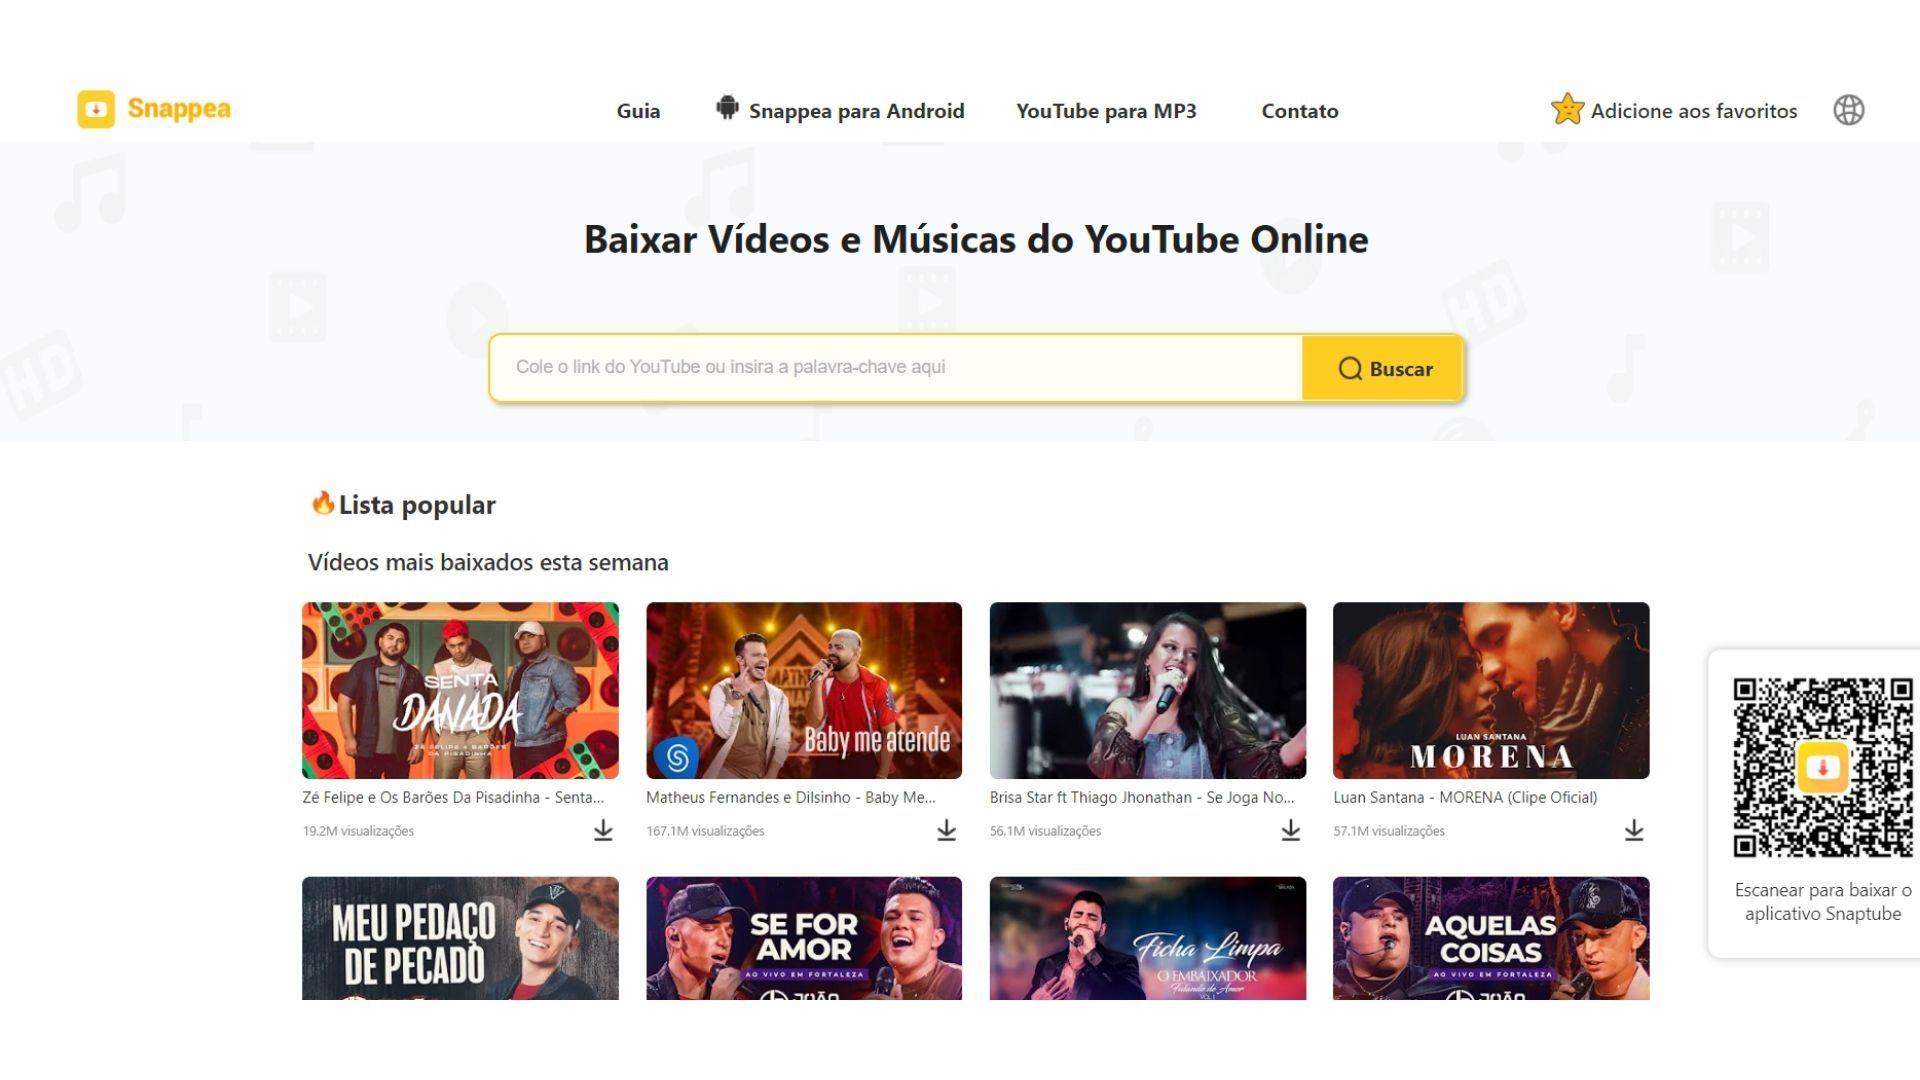 O Snappea é uma opção prática para quem quer baixar música do YouTube sem instalar aplicativos ou programas (Foto: Divulgação)